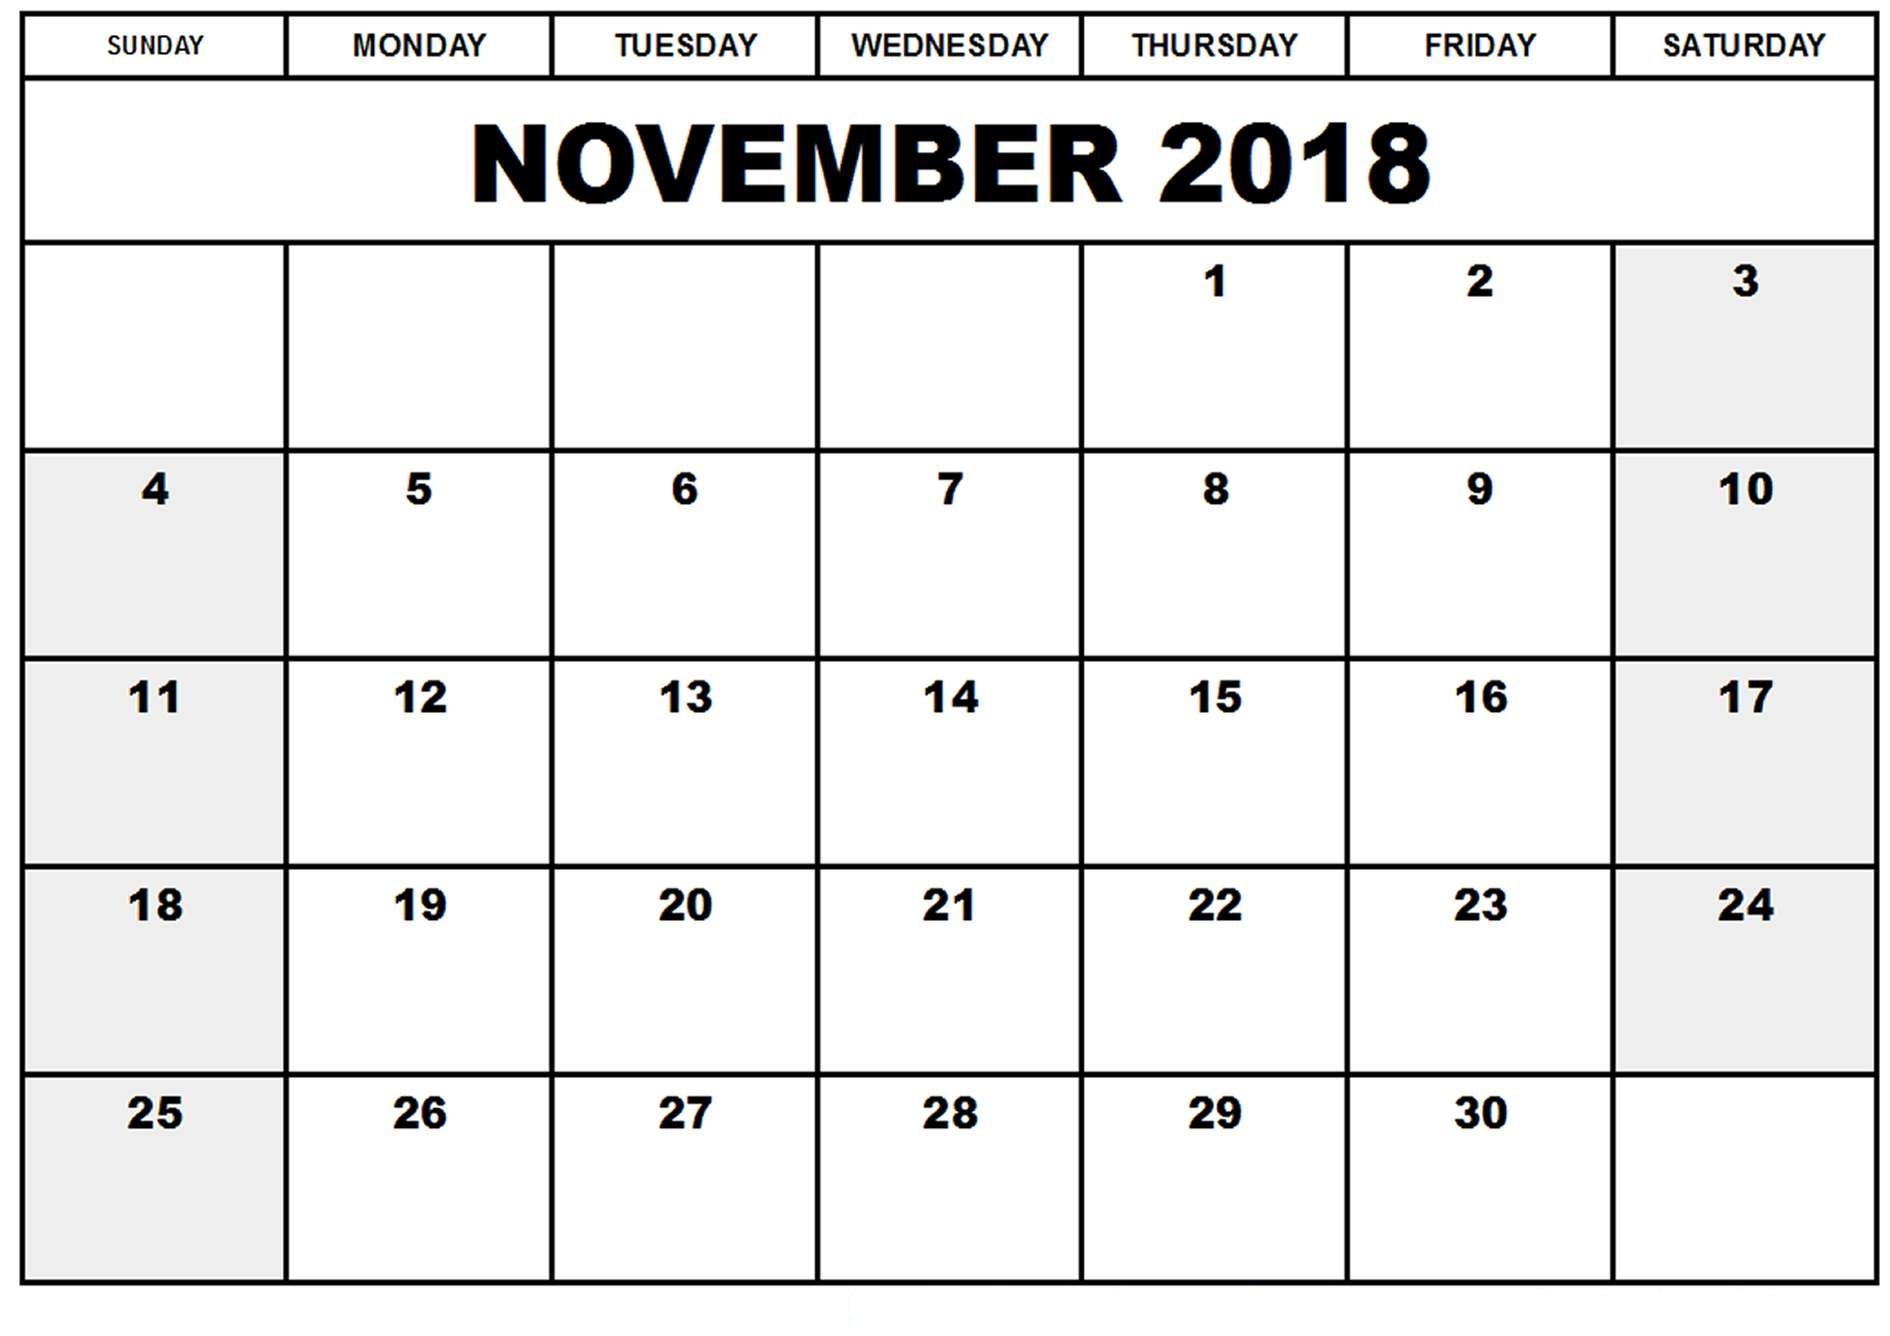 November 2018 Kalender Zum Ausdrucken